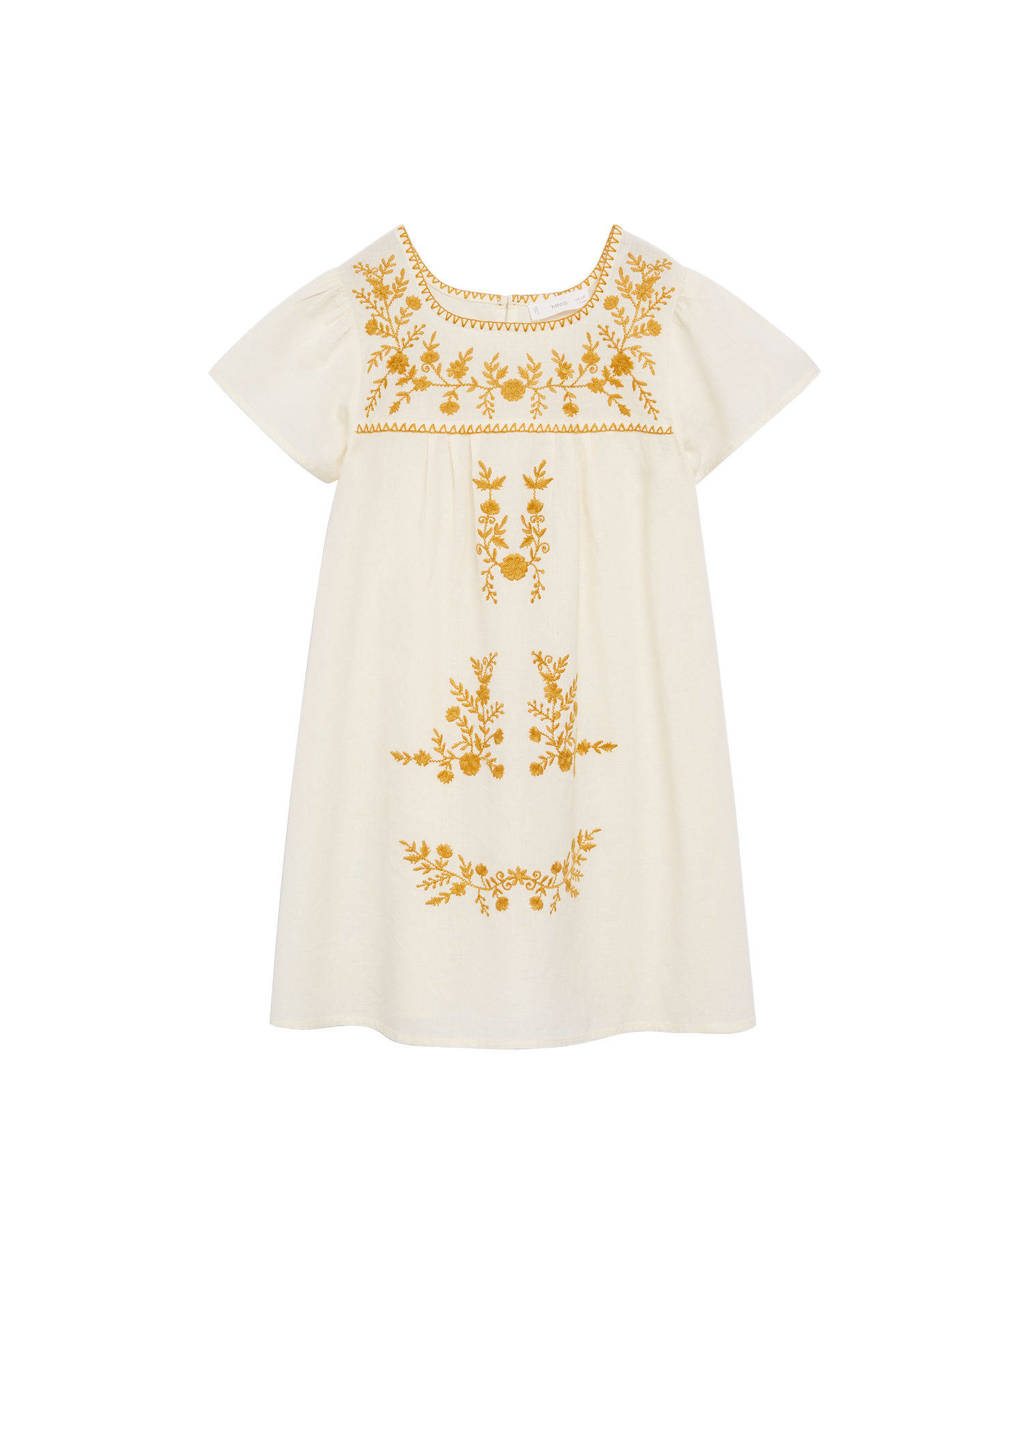 Mango Kids gebloemde A-lijn jurk naturel wit/geel, Naturel wit/geel